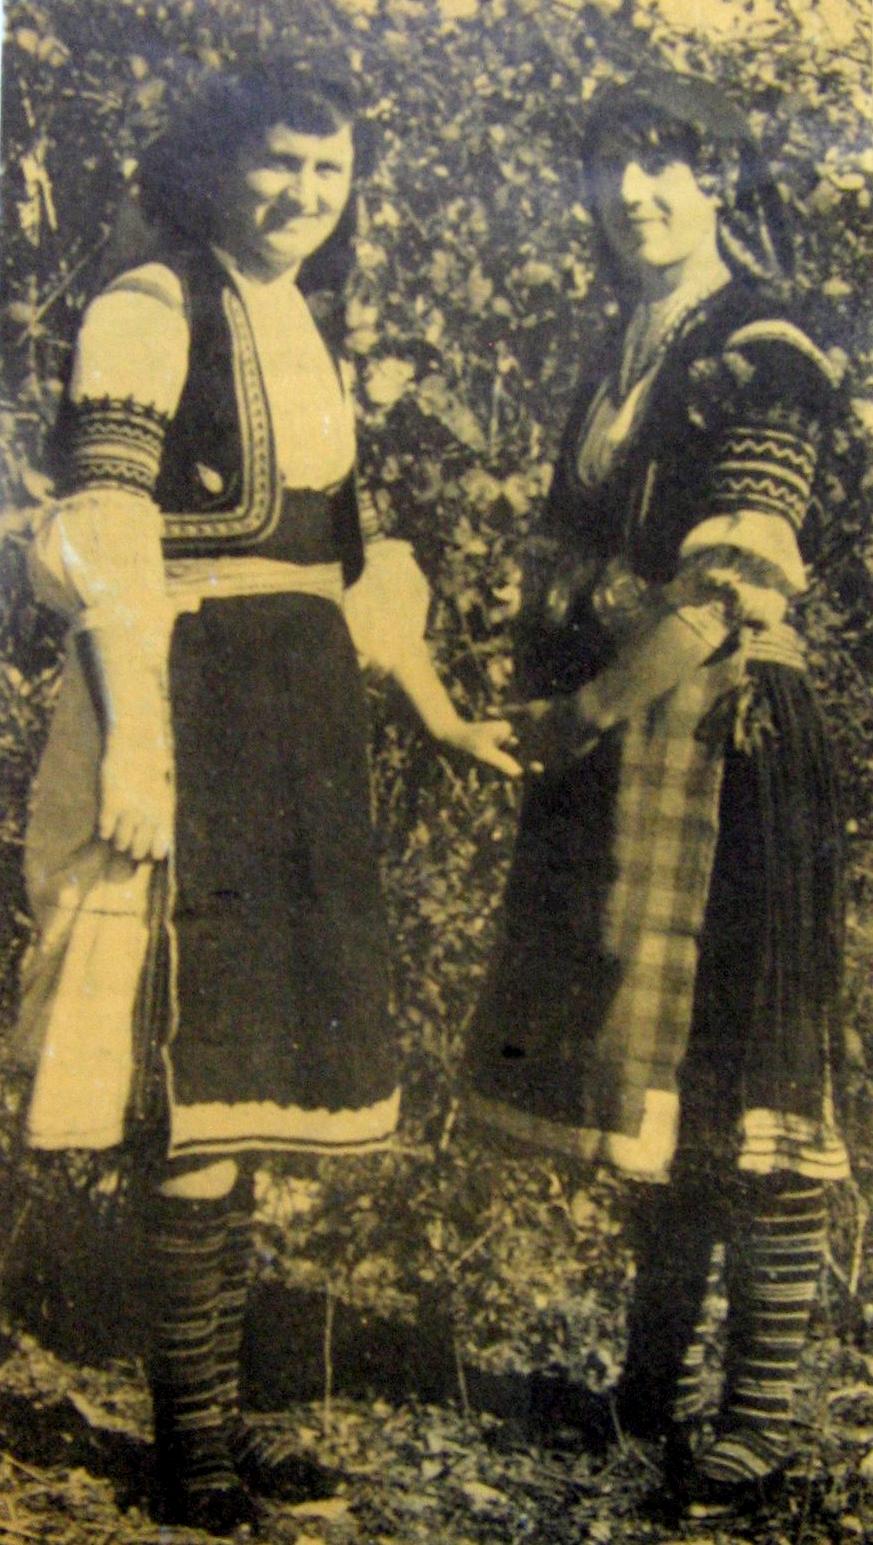 Местни девойки с народни носии, 60-те години на XX в. (снимка от фонда на Исторически музей - Крумовград)